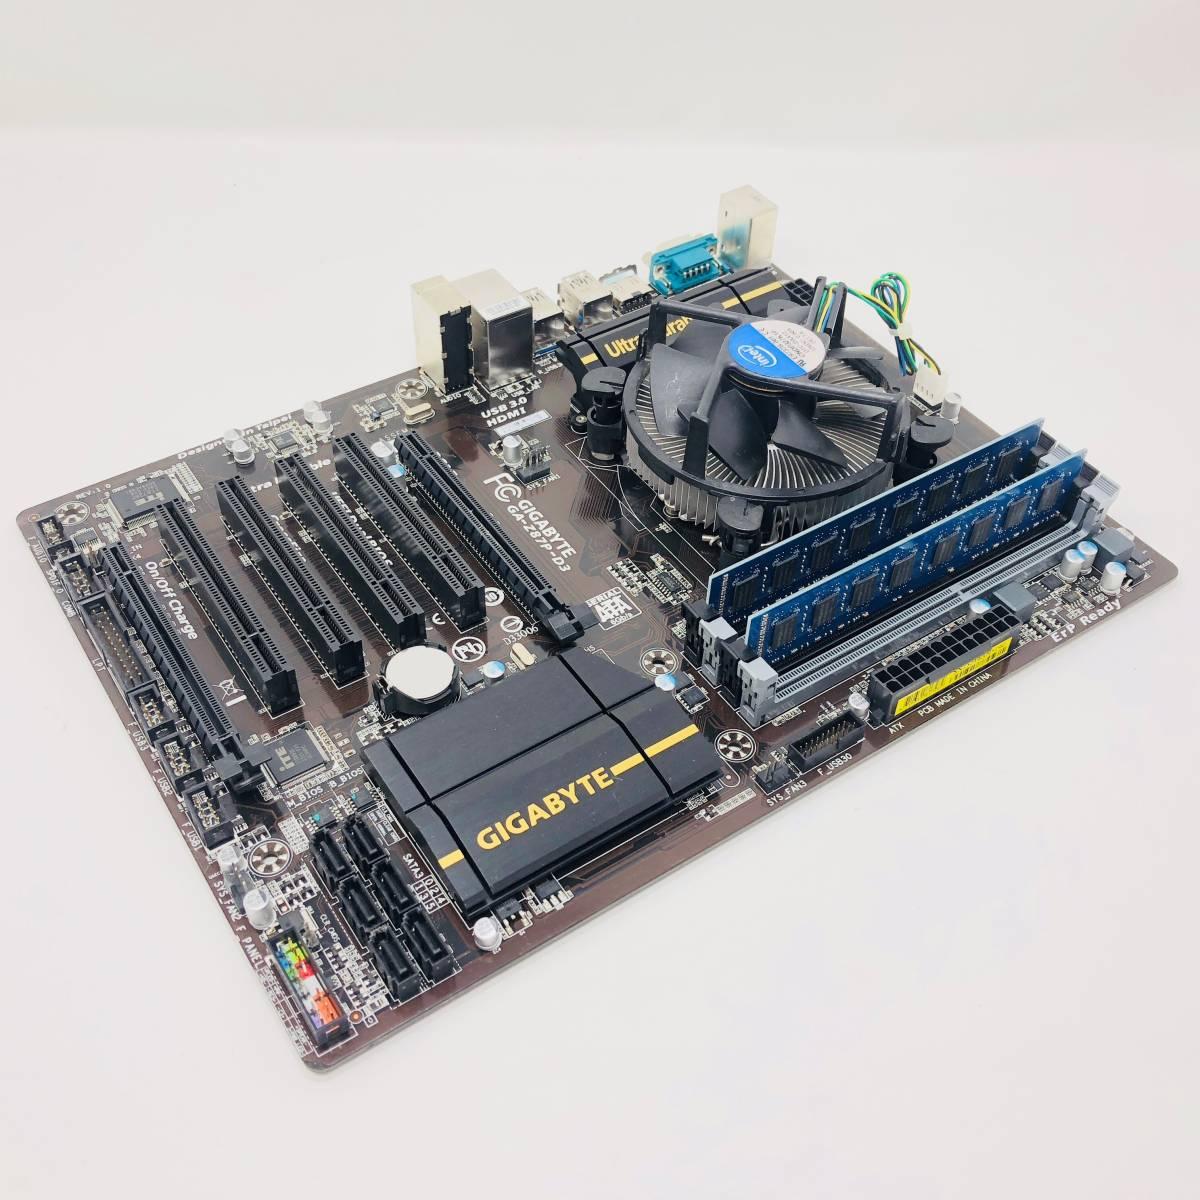 ★1円スタート!! 中古自作パーツセット BIOS起動OK 第4世代 Core i37 4770 3.4GHz DDR3 4GB ×2 GIGABYTE Z87